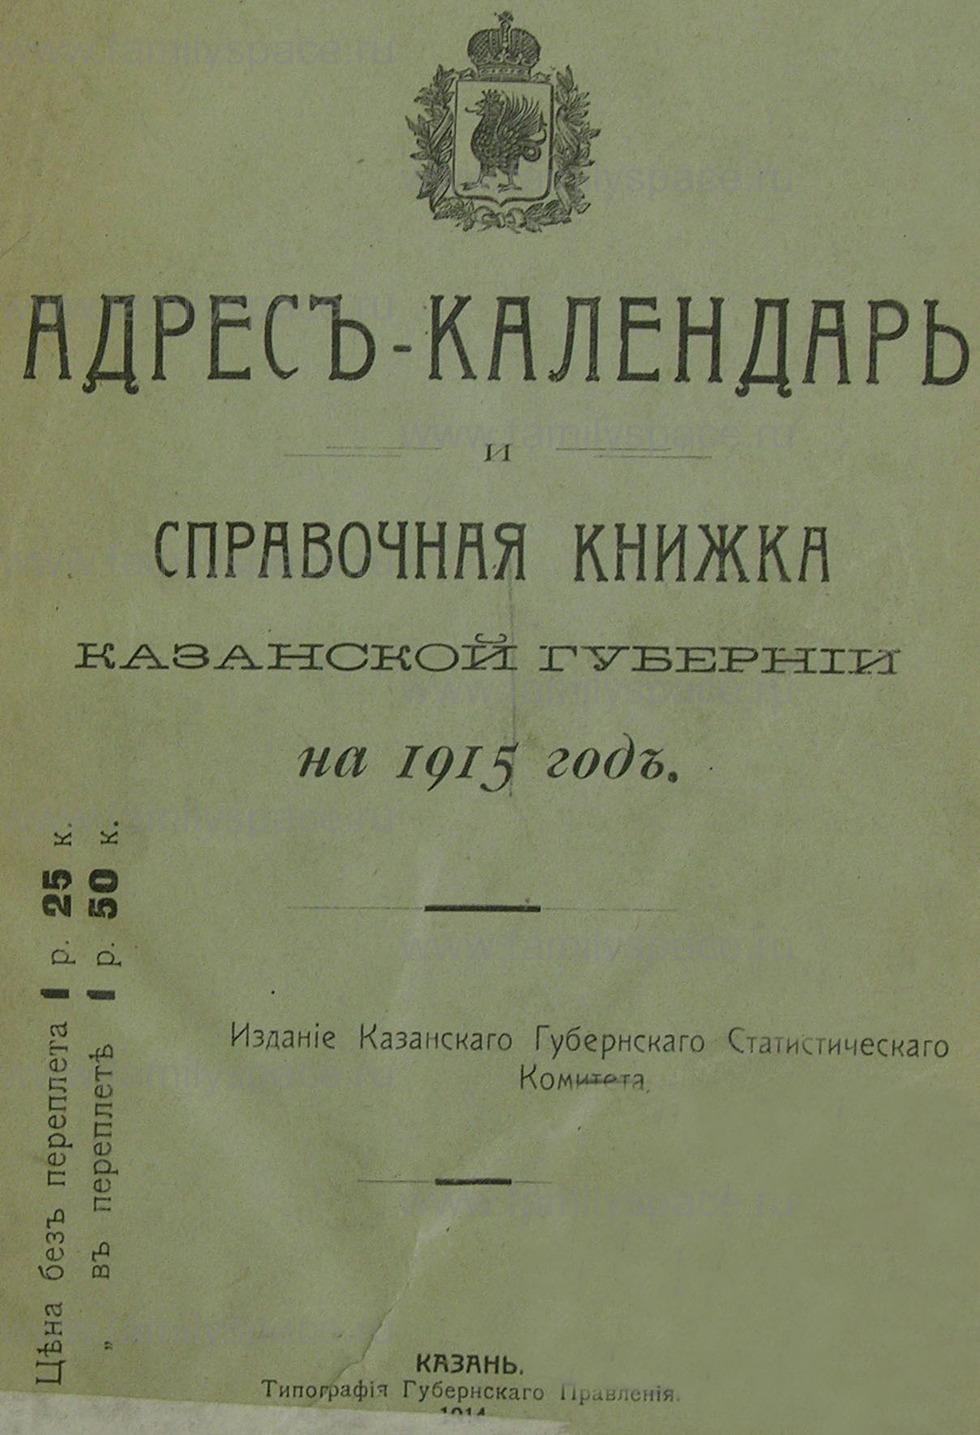 Поиск по фамилии - Адрес-календарь и справочная книжка Казанской губернии на 1915 год, страница 1